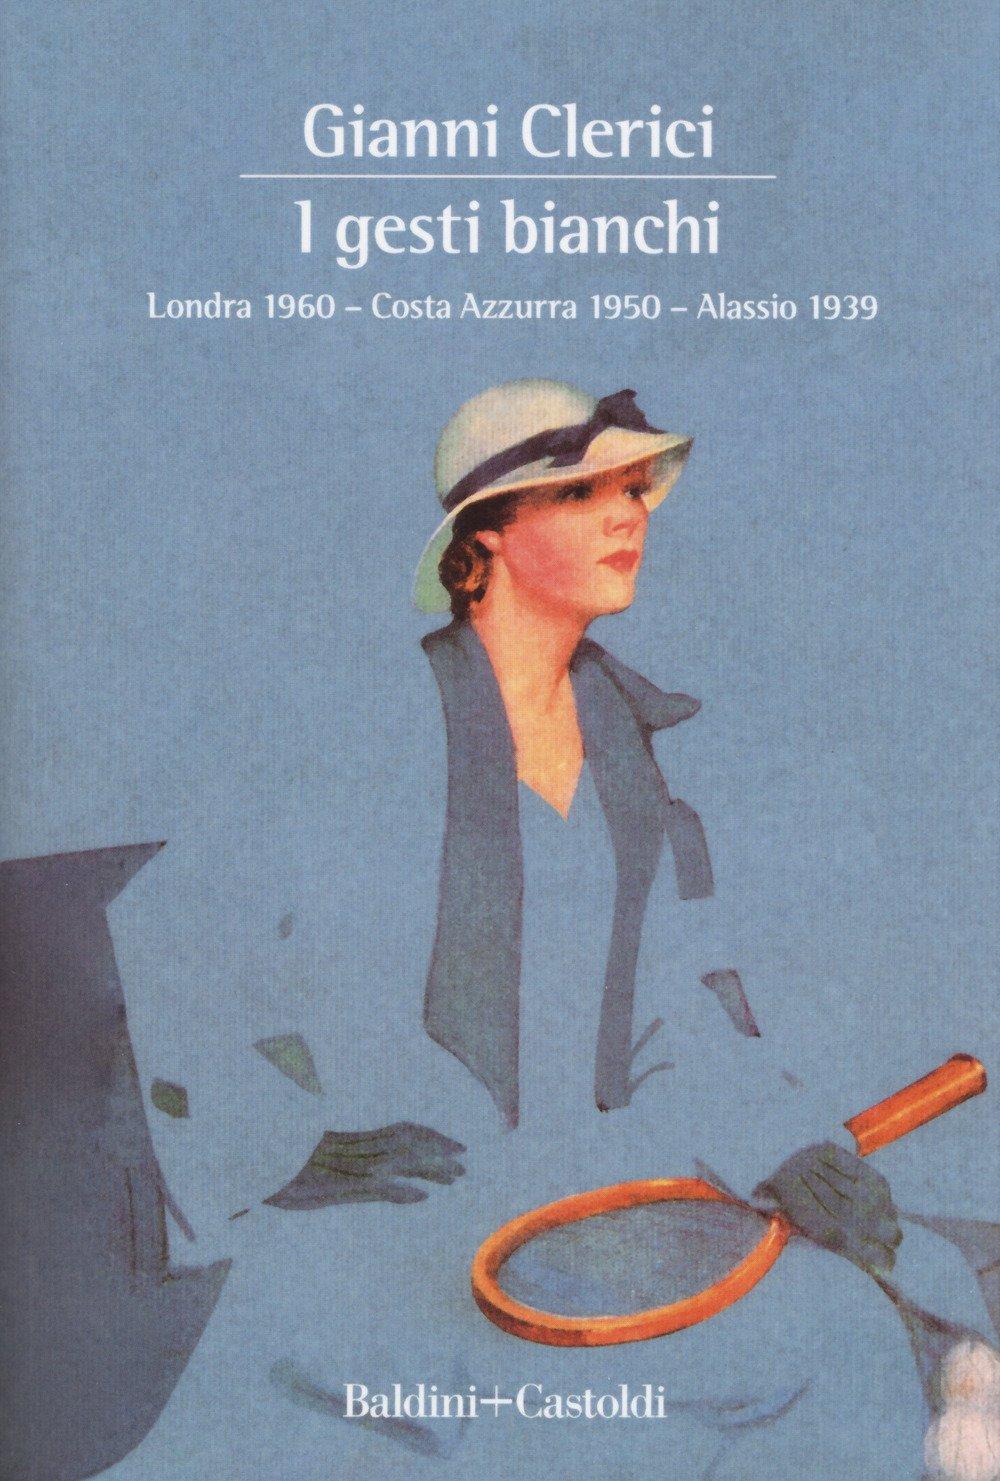 I gesti bianchi: Londra 1960-Costa Azzurra 1950-Alassio 1939